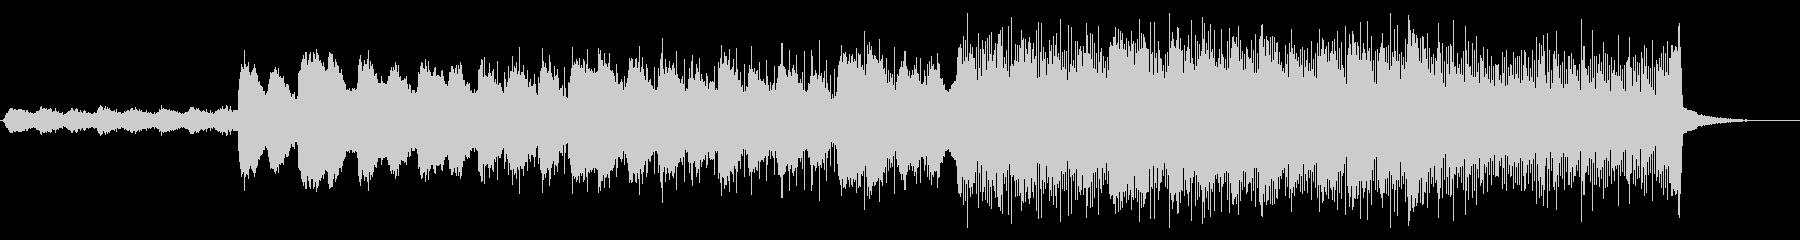 ゆったりとしたエレクトロニカBGMの未再生の波形